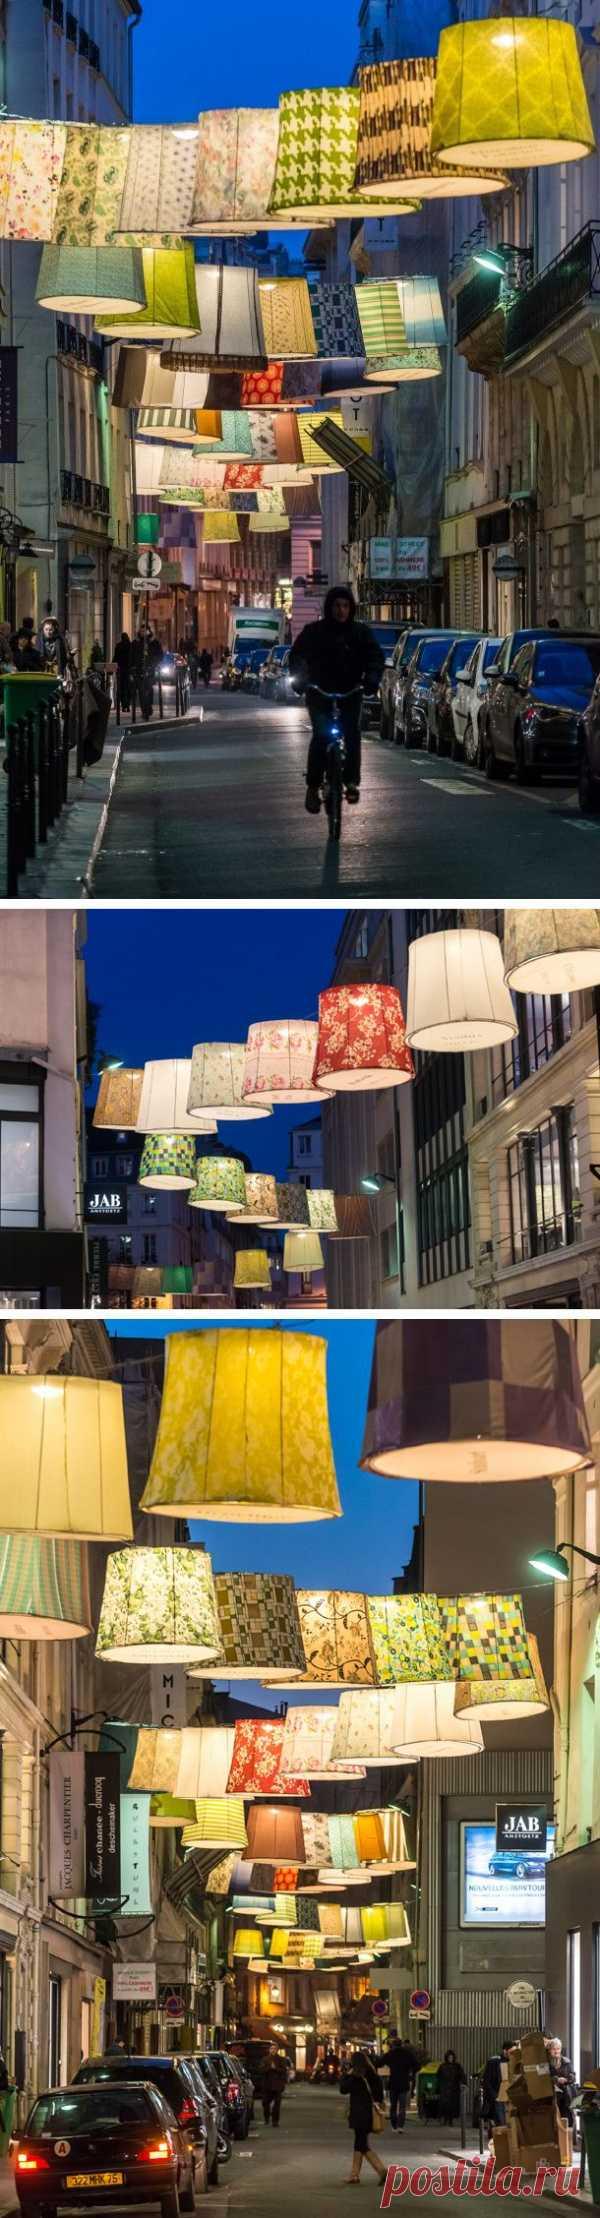 Необычная, красивая реклама постельного белья в Париже